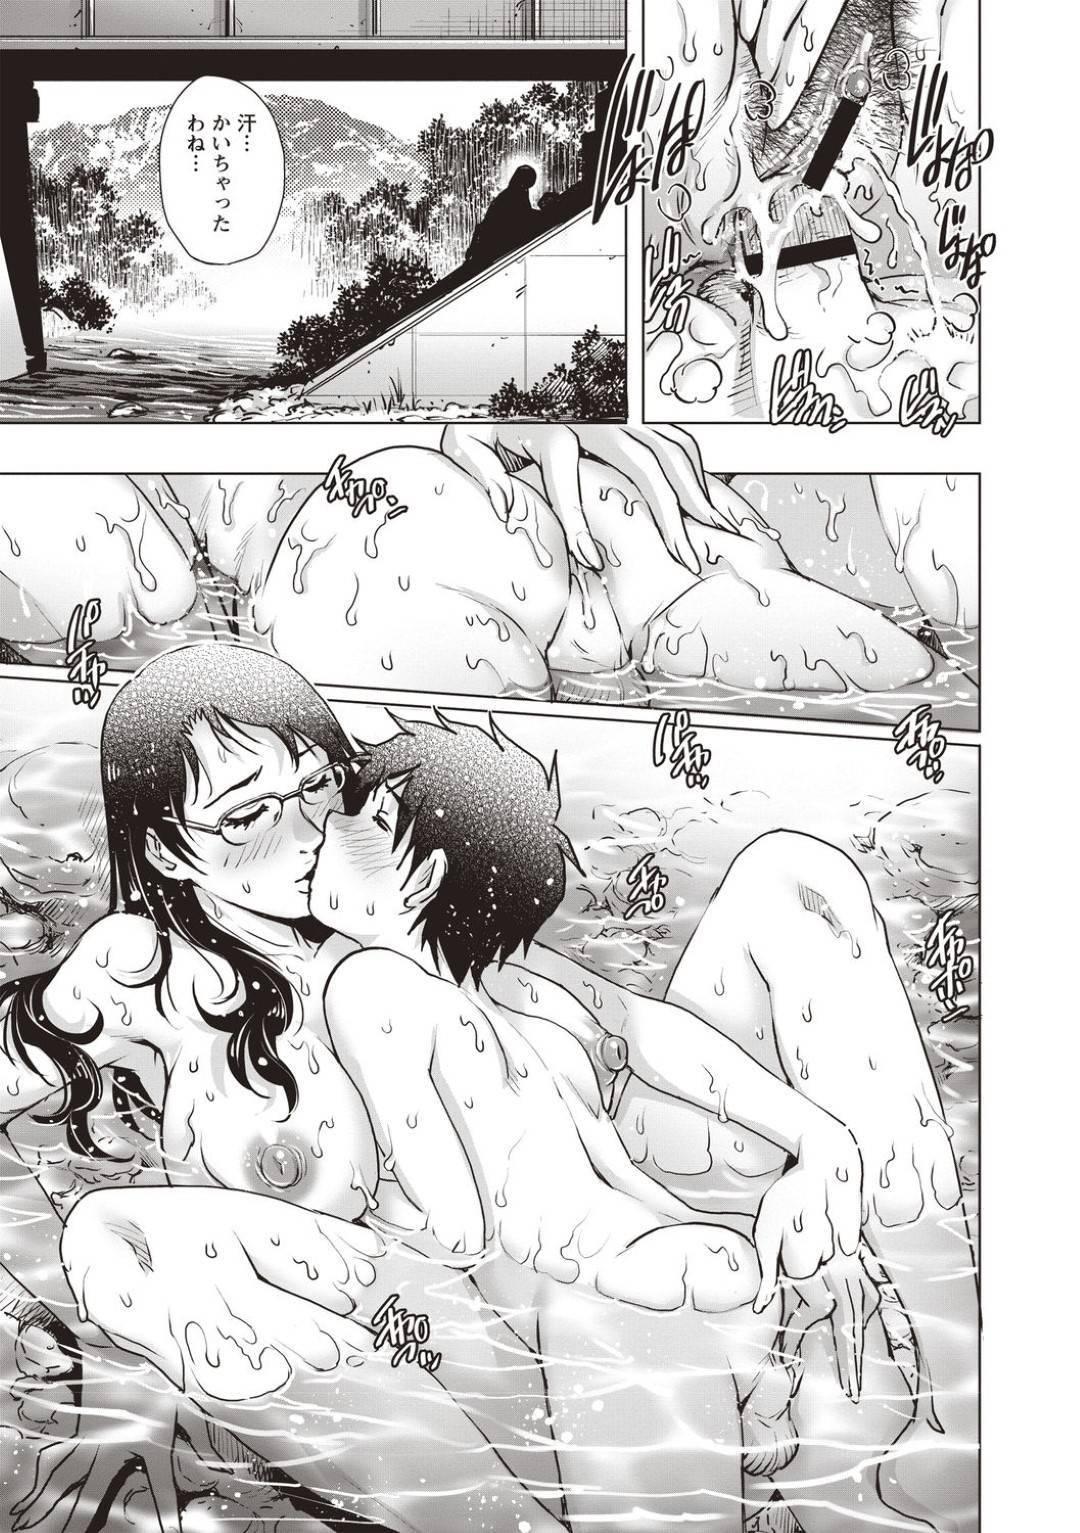 【エロ漫画】草陰で放尿しているところを少年に見られてしまった眼鏡お姉さん…彼に興味津々で満更でもない彼女は彼に勉強と称して筆おろしセックスを迫る。【やながわ理央:ハプニング!】